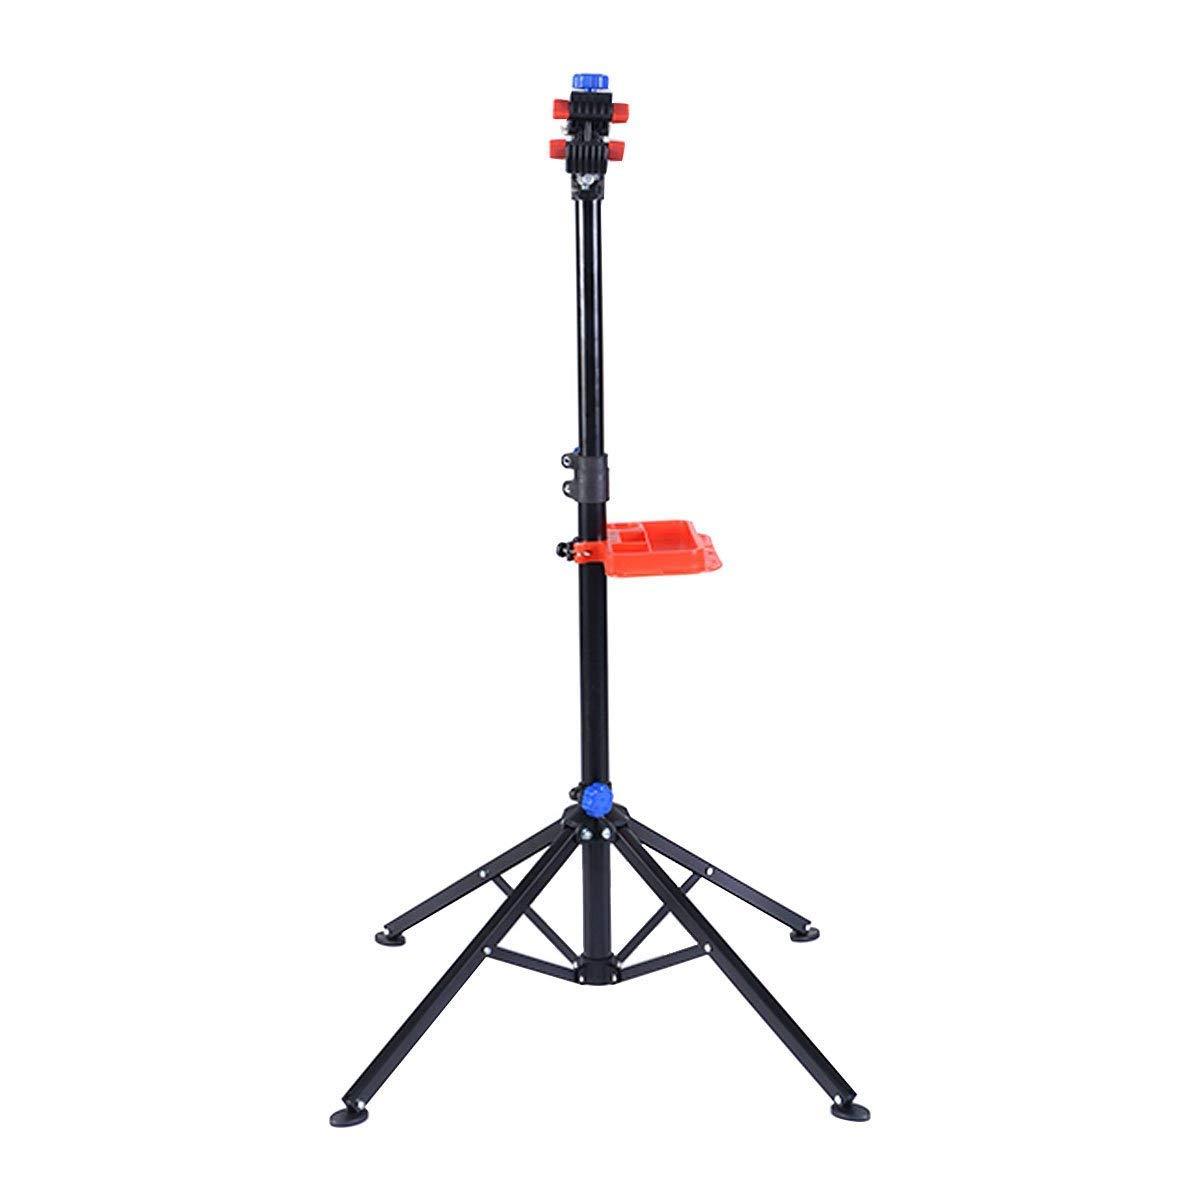 COSTWAY Support de R/éparation pour V/élos Stand de R/éparation pour Les V/élos/Charge Max/30 kg Pied datelier V/élo Pivotant /à 360 Degr/és Hauteur R/églable